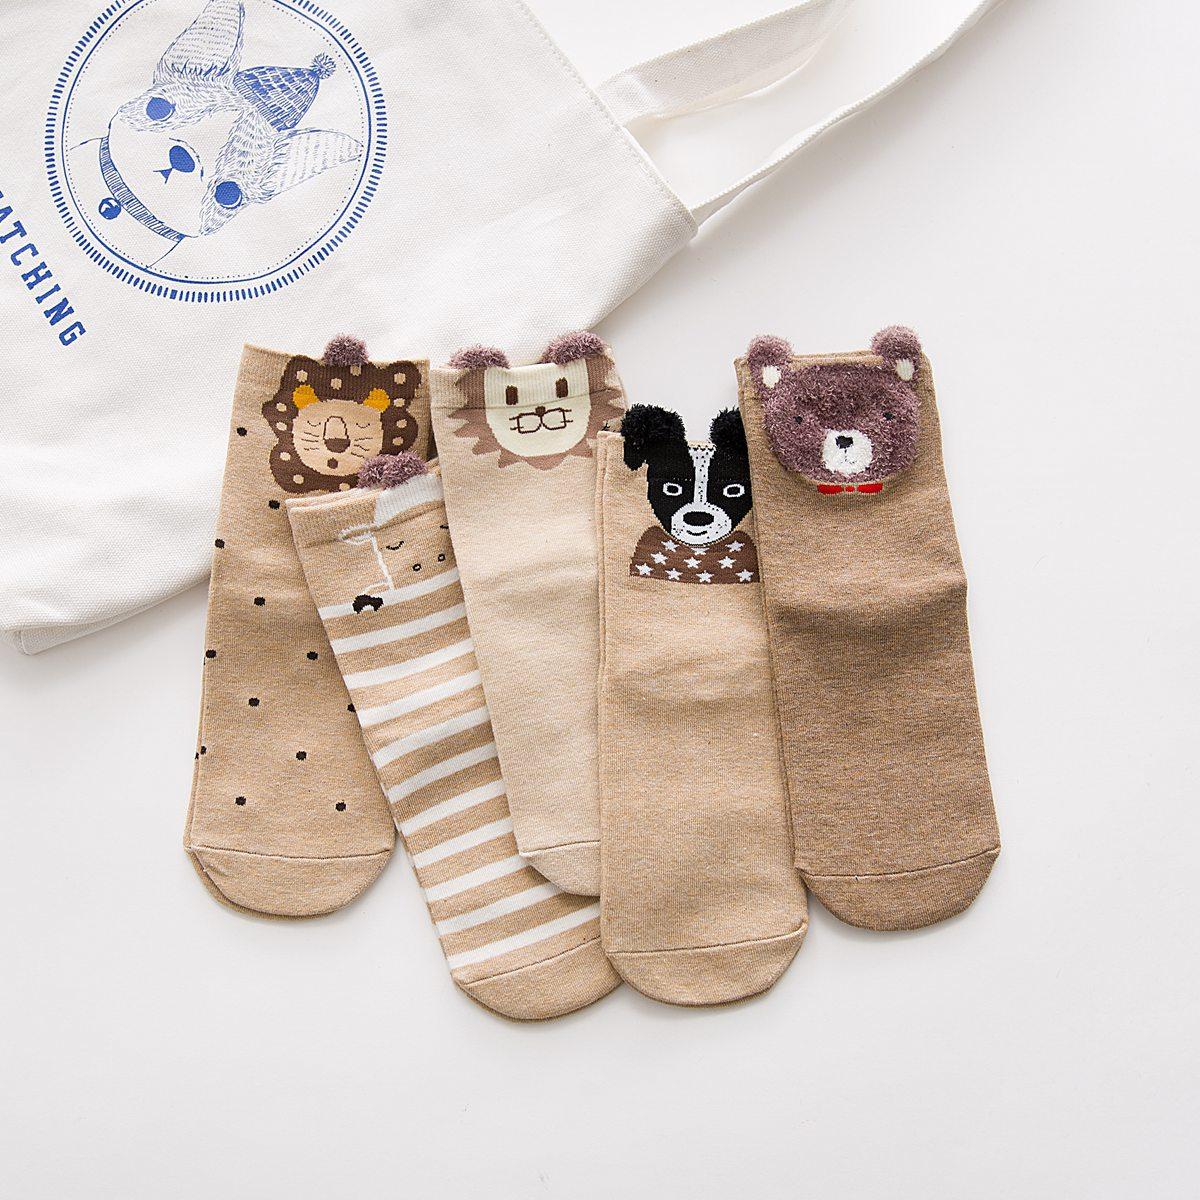 Japonês meias femininas no tubo novo outono e inverno meias desenhos animados das senhoras de pelúcia marca lojas de fábrica por atacado